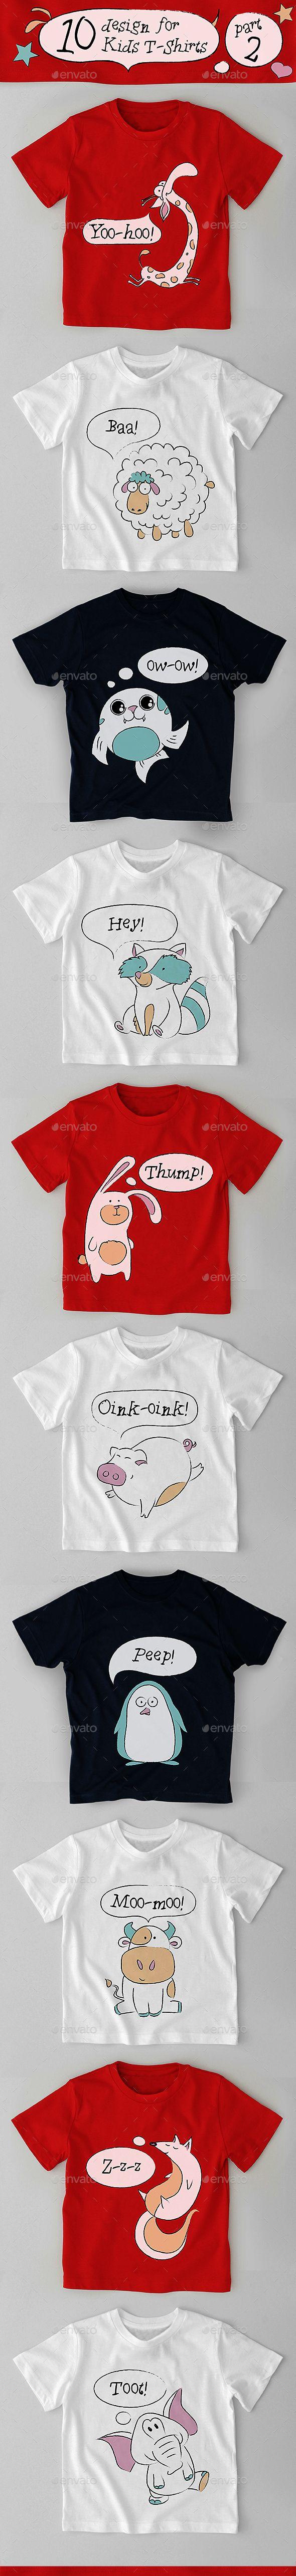 best 825 t shirt designs ideas on pinterest shirt template font